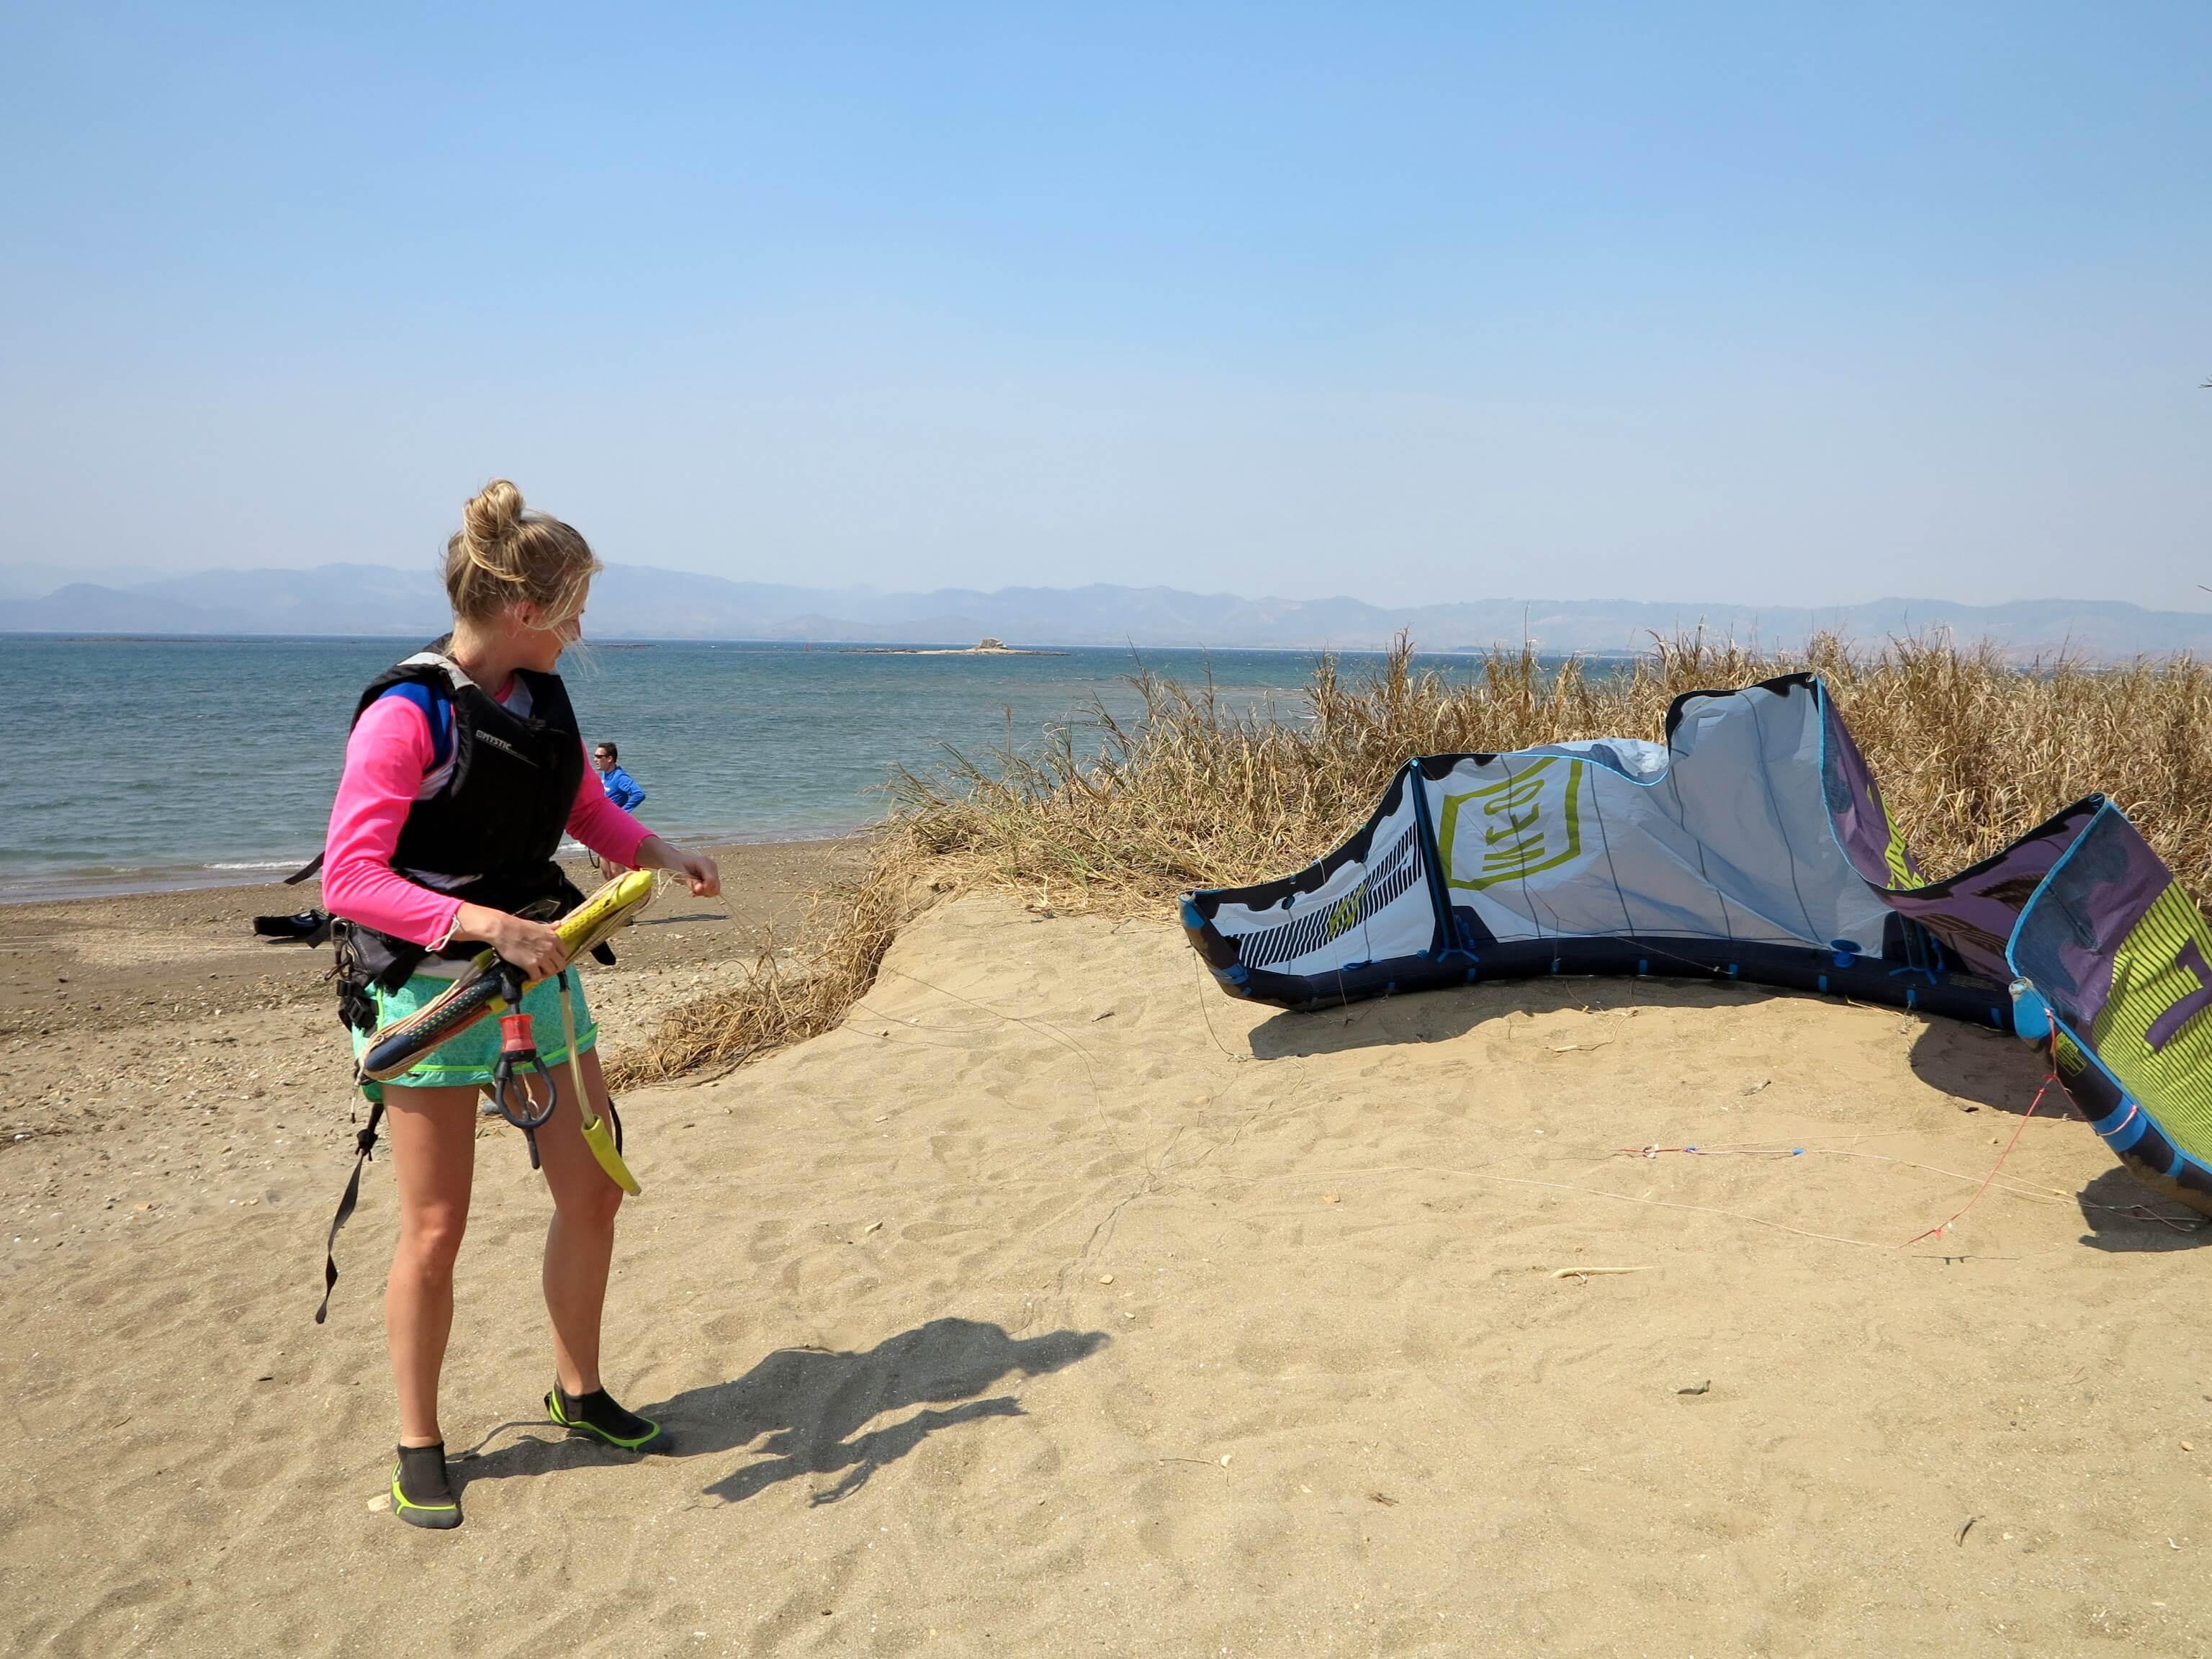 Bevor es losgehen kann muss der Kite vorbereitet werden